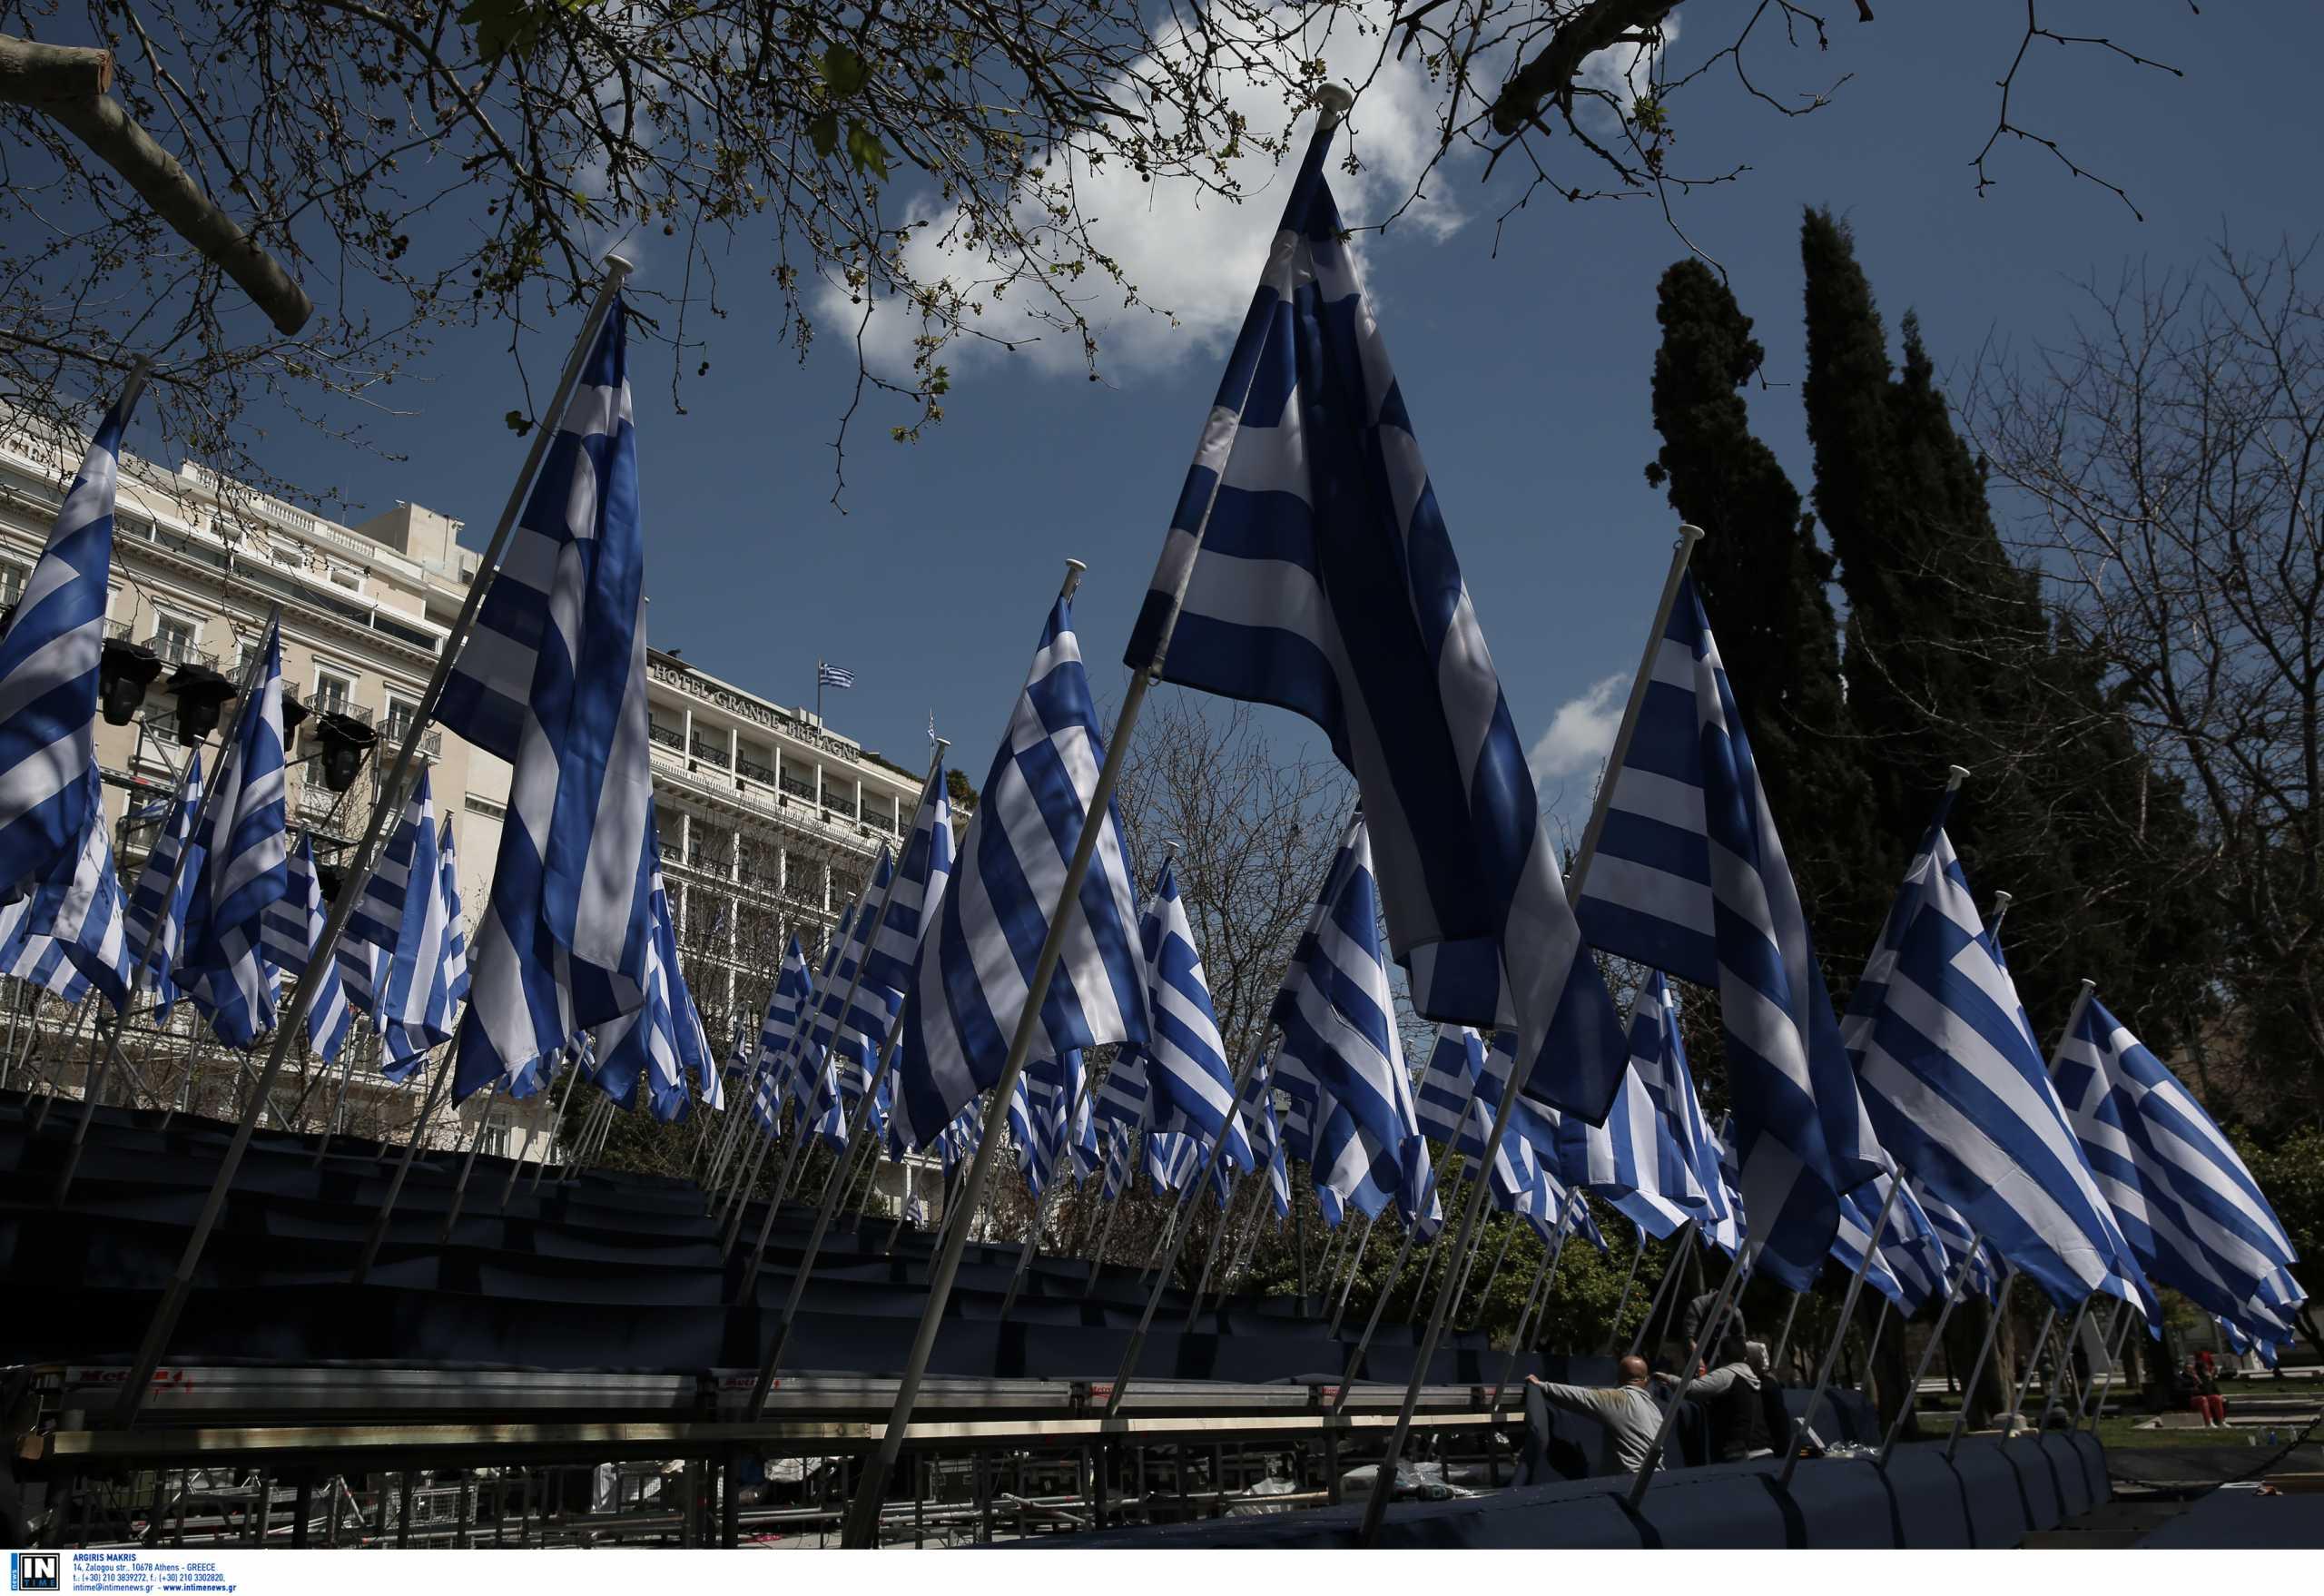 25η Μαρτίου: Όλες οι κυκλοφοριακές ρυθμίσεις στην Αθήνα